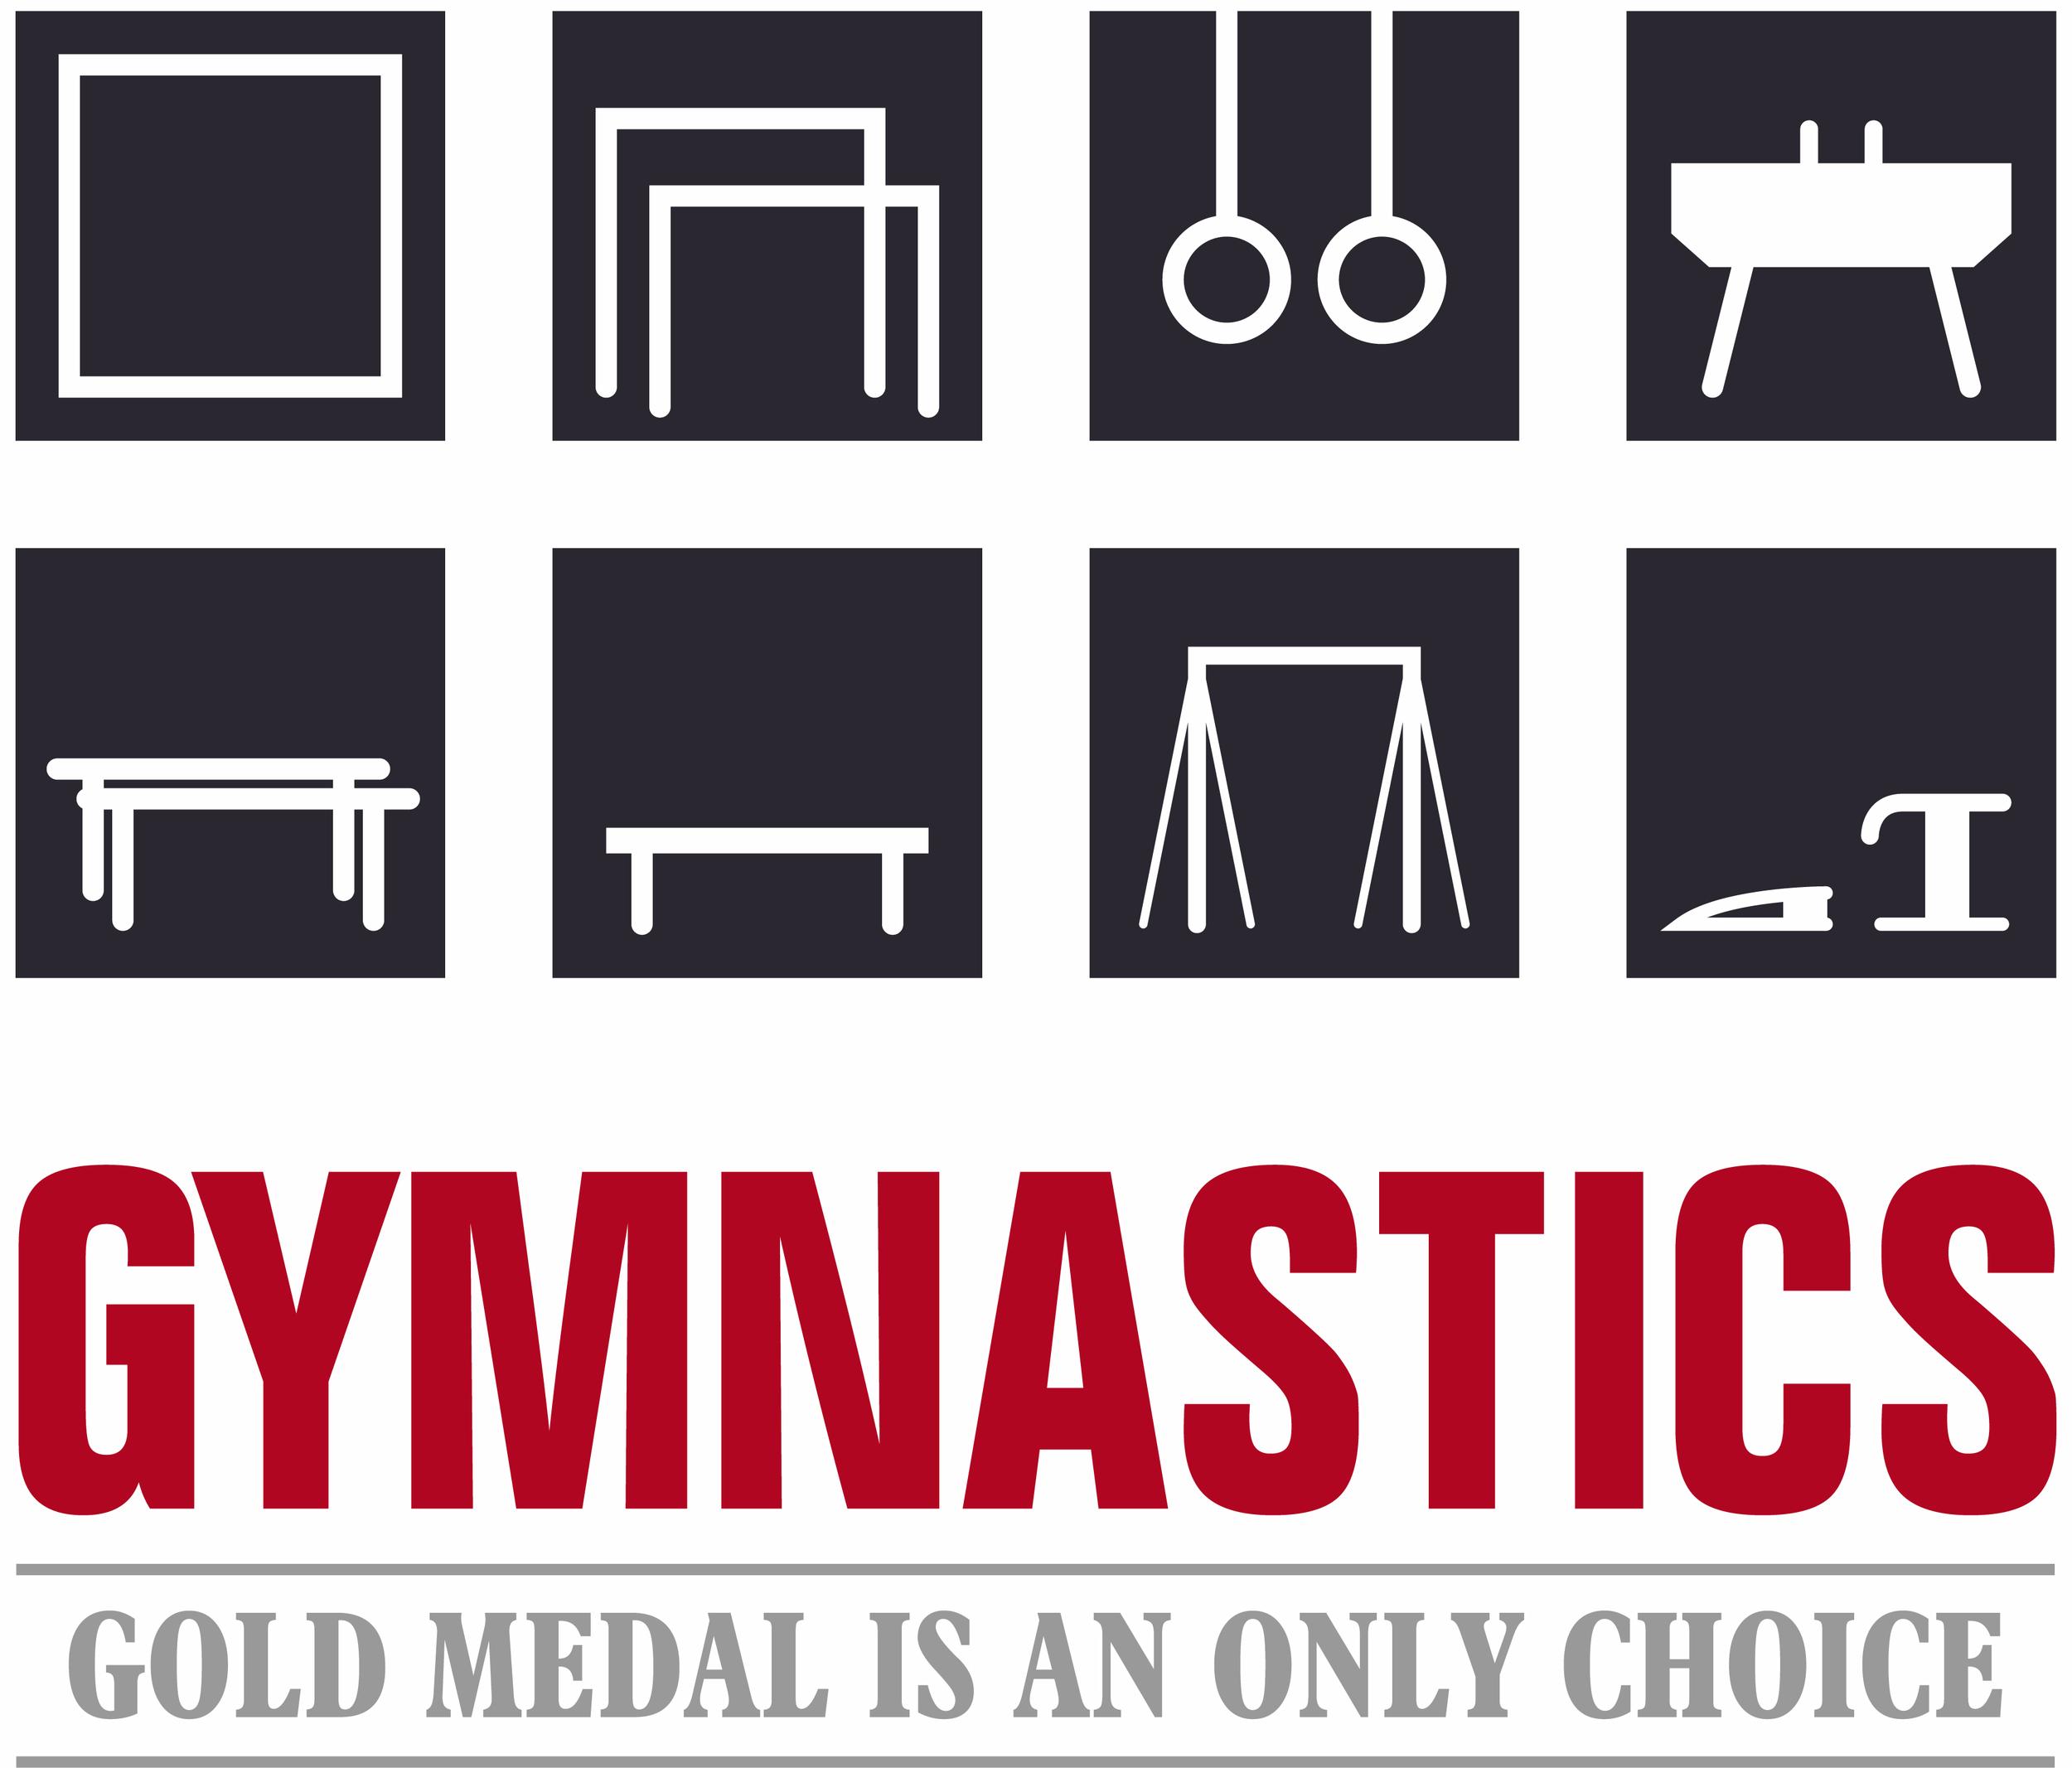 gymnastfrontlarge.jpg